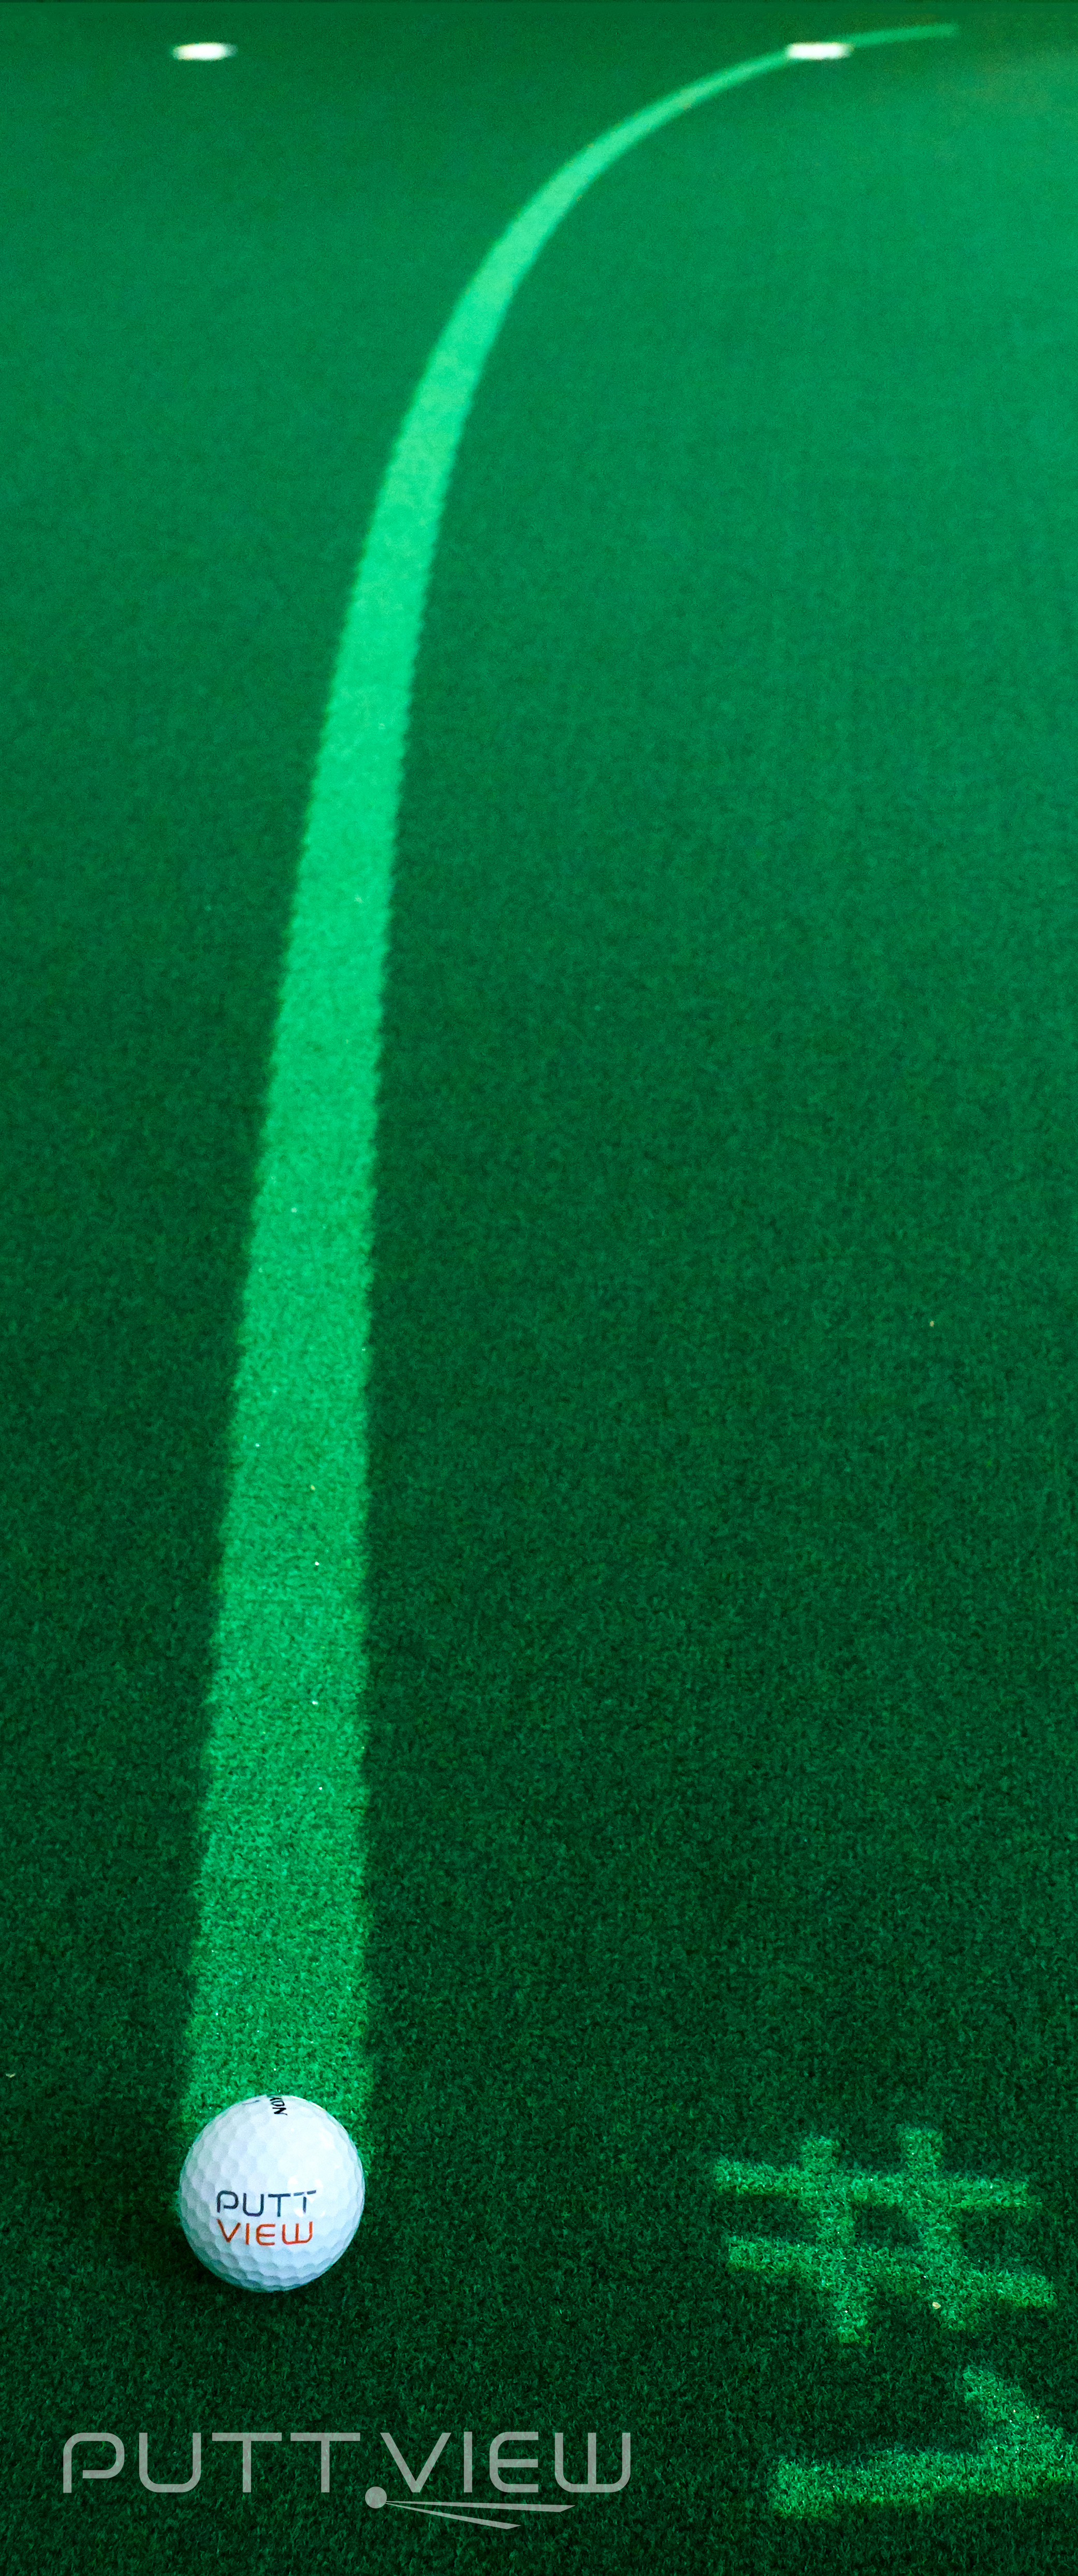 """Die """"Curved-Line"""" hilft dabei, die richtige Linie beim Putten zu finden. (Foto: PuttView)"""